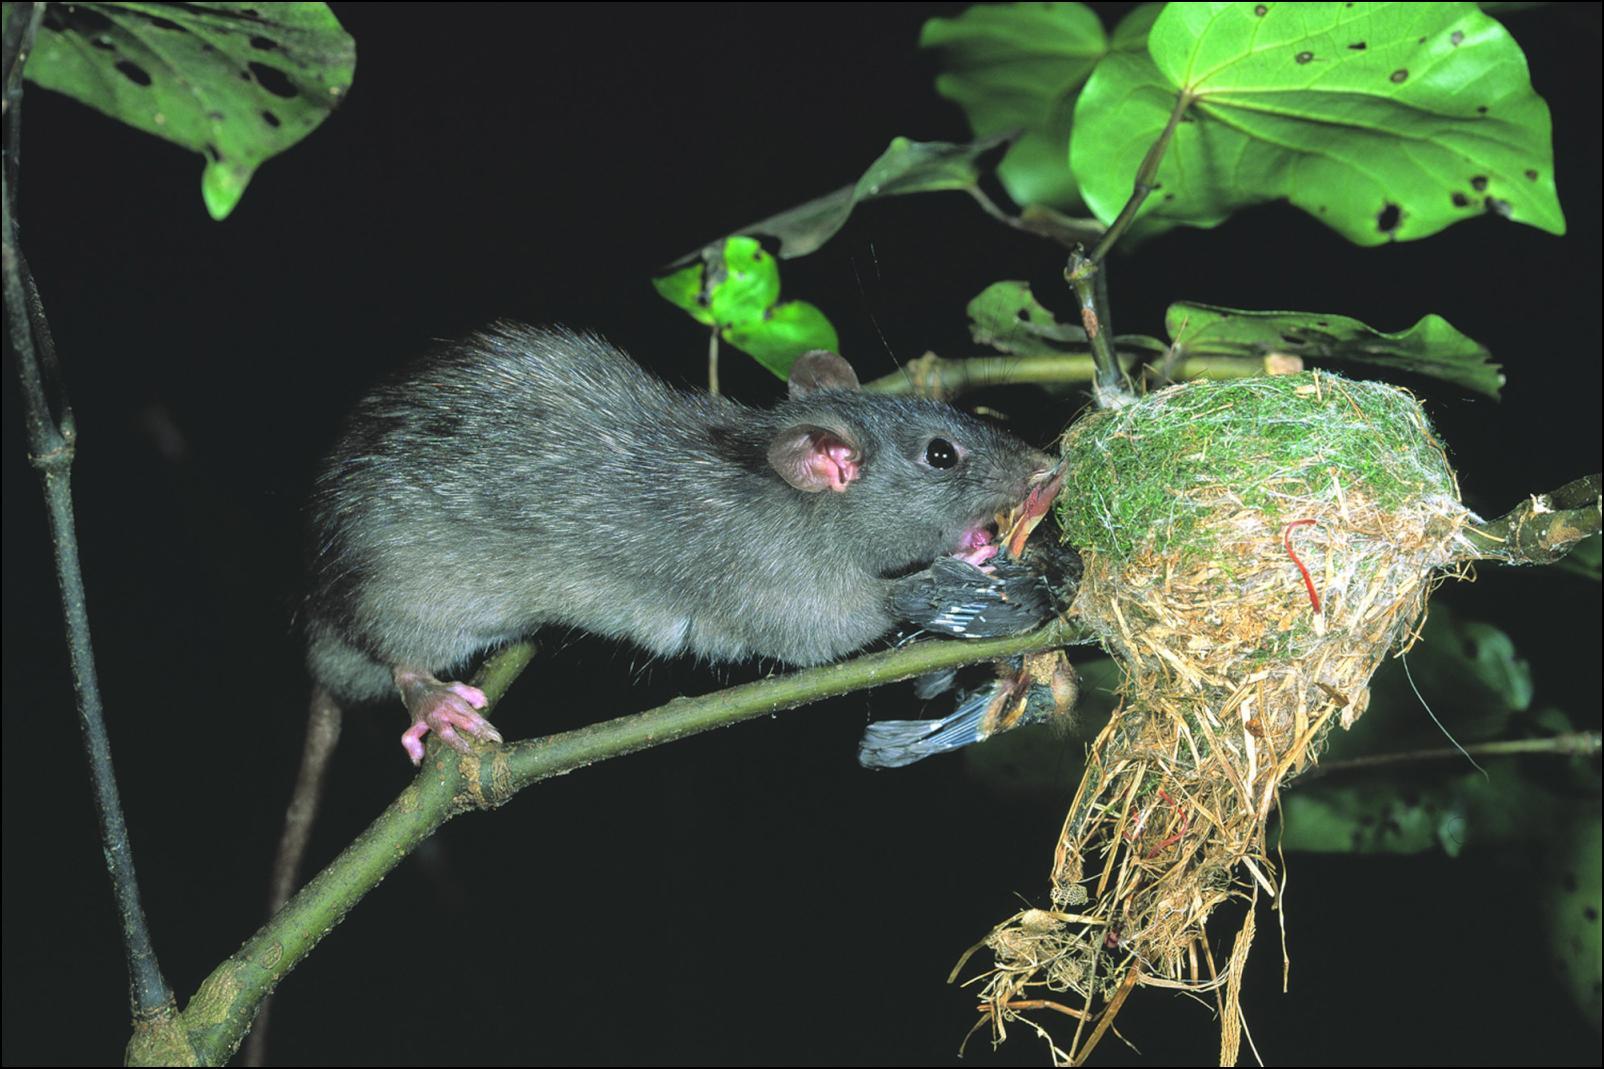 Rats Eating Bird Food